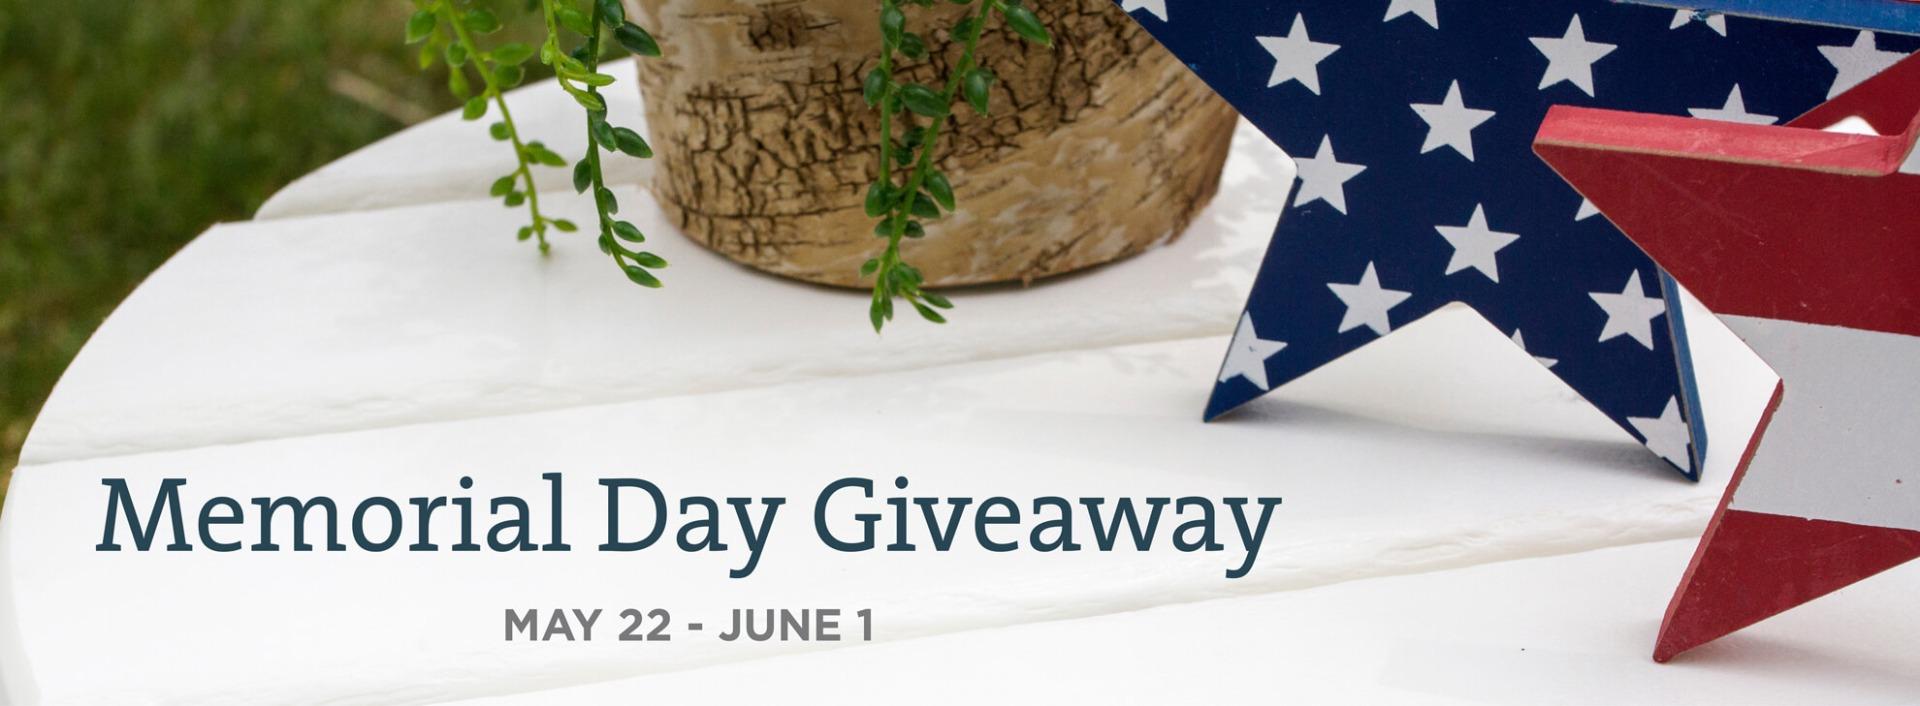 Memorial Day Giveaway may 22 - June 1, 2020